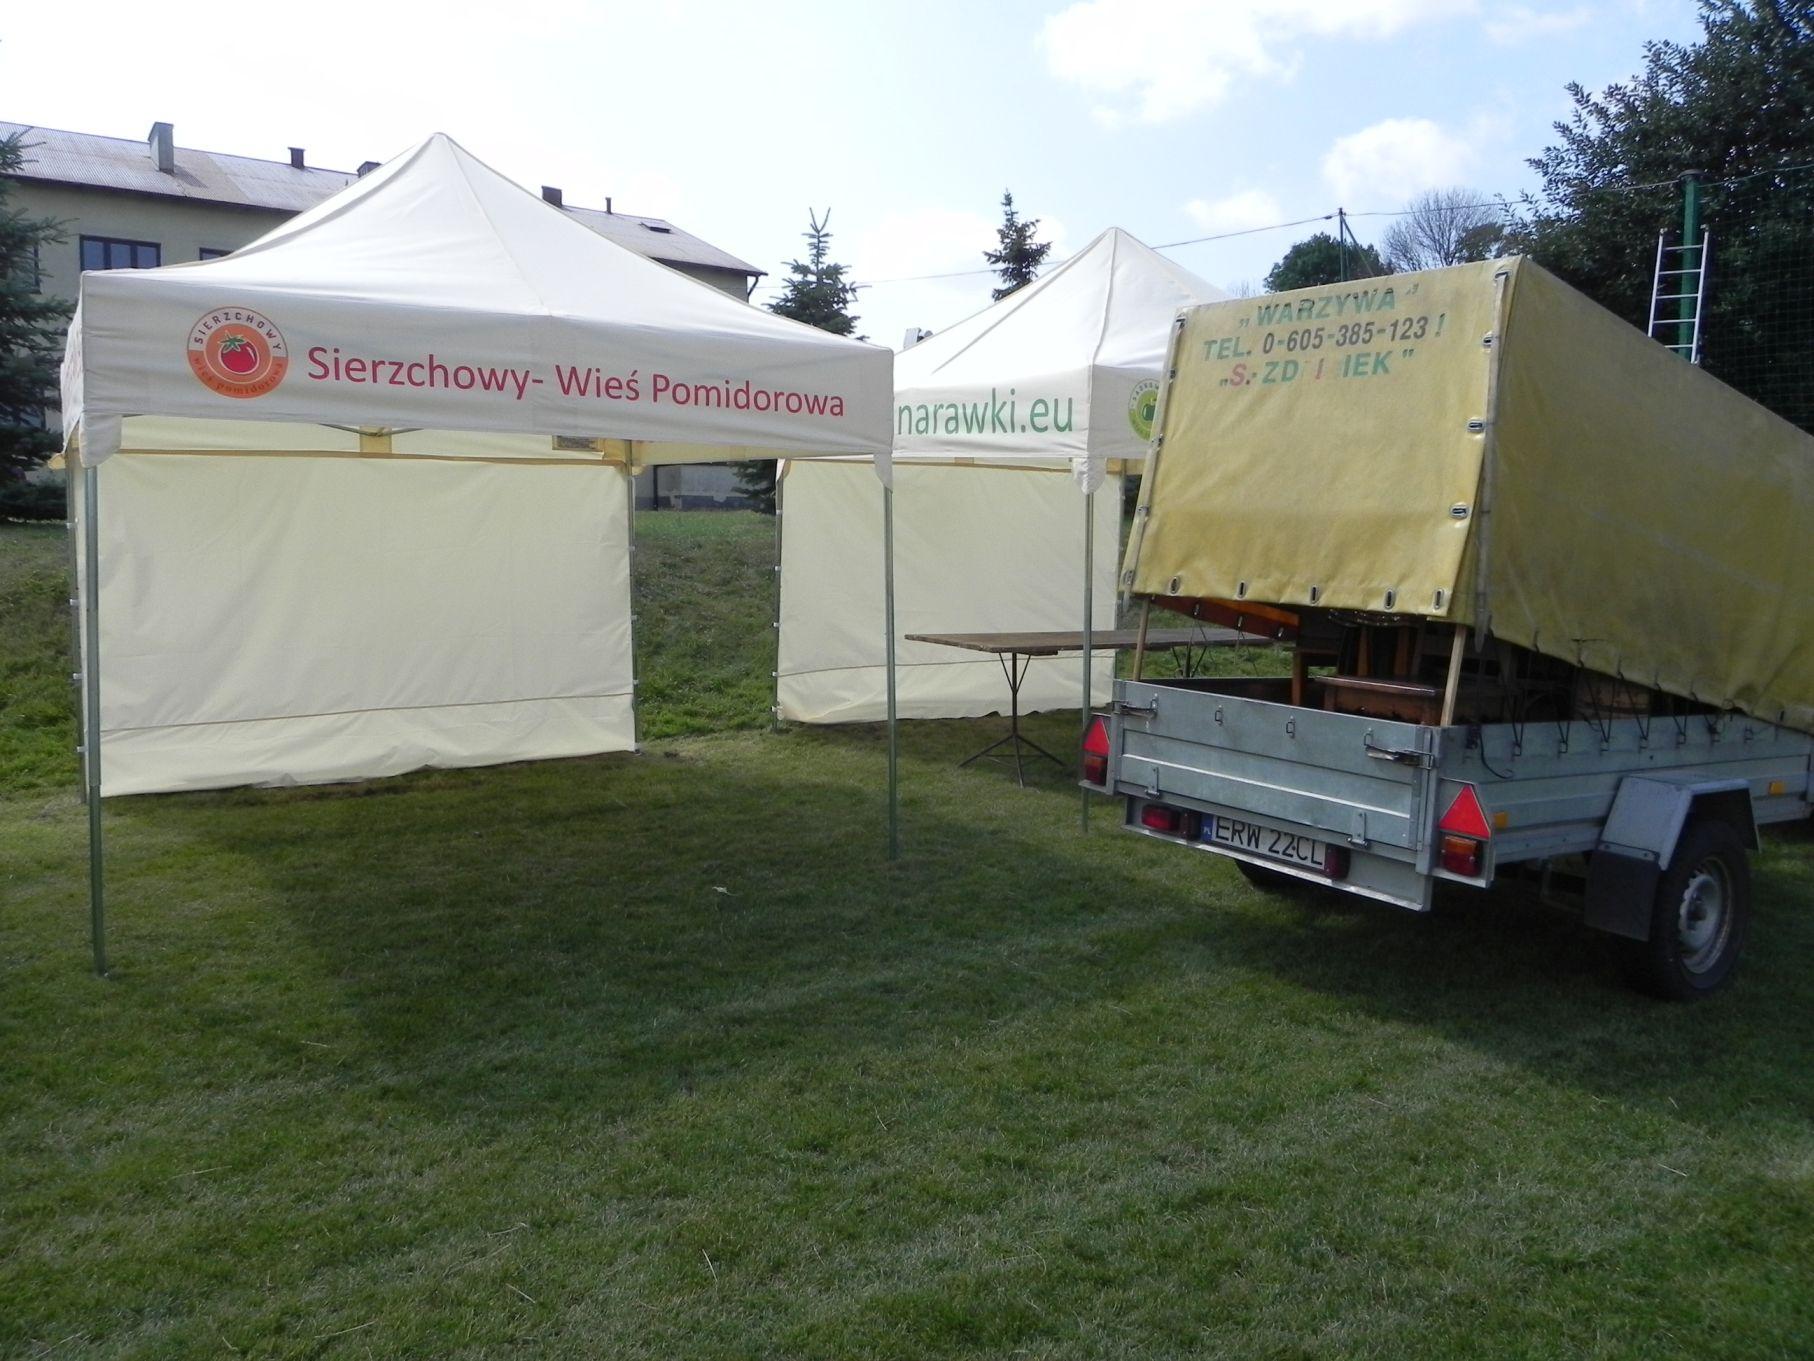 2013-08-13 Piknik w Regnowie (1)